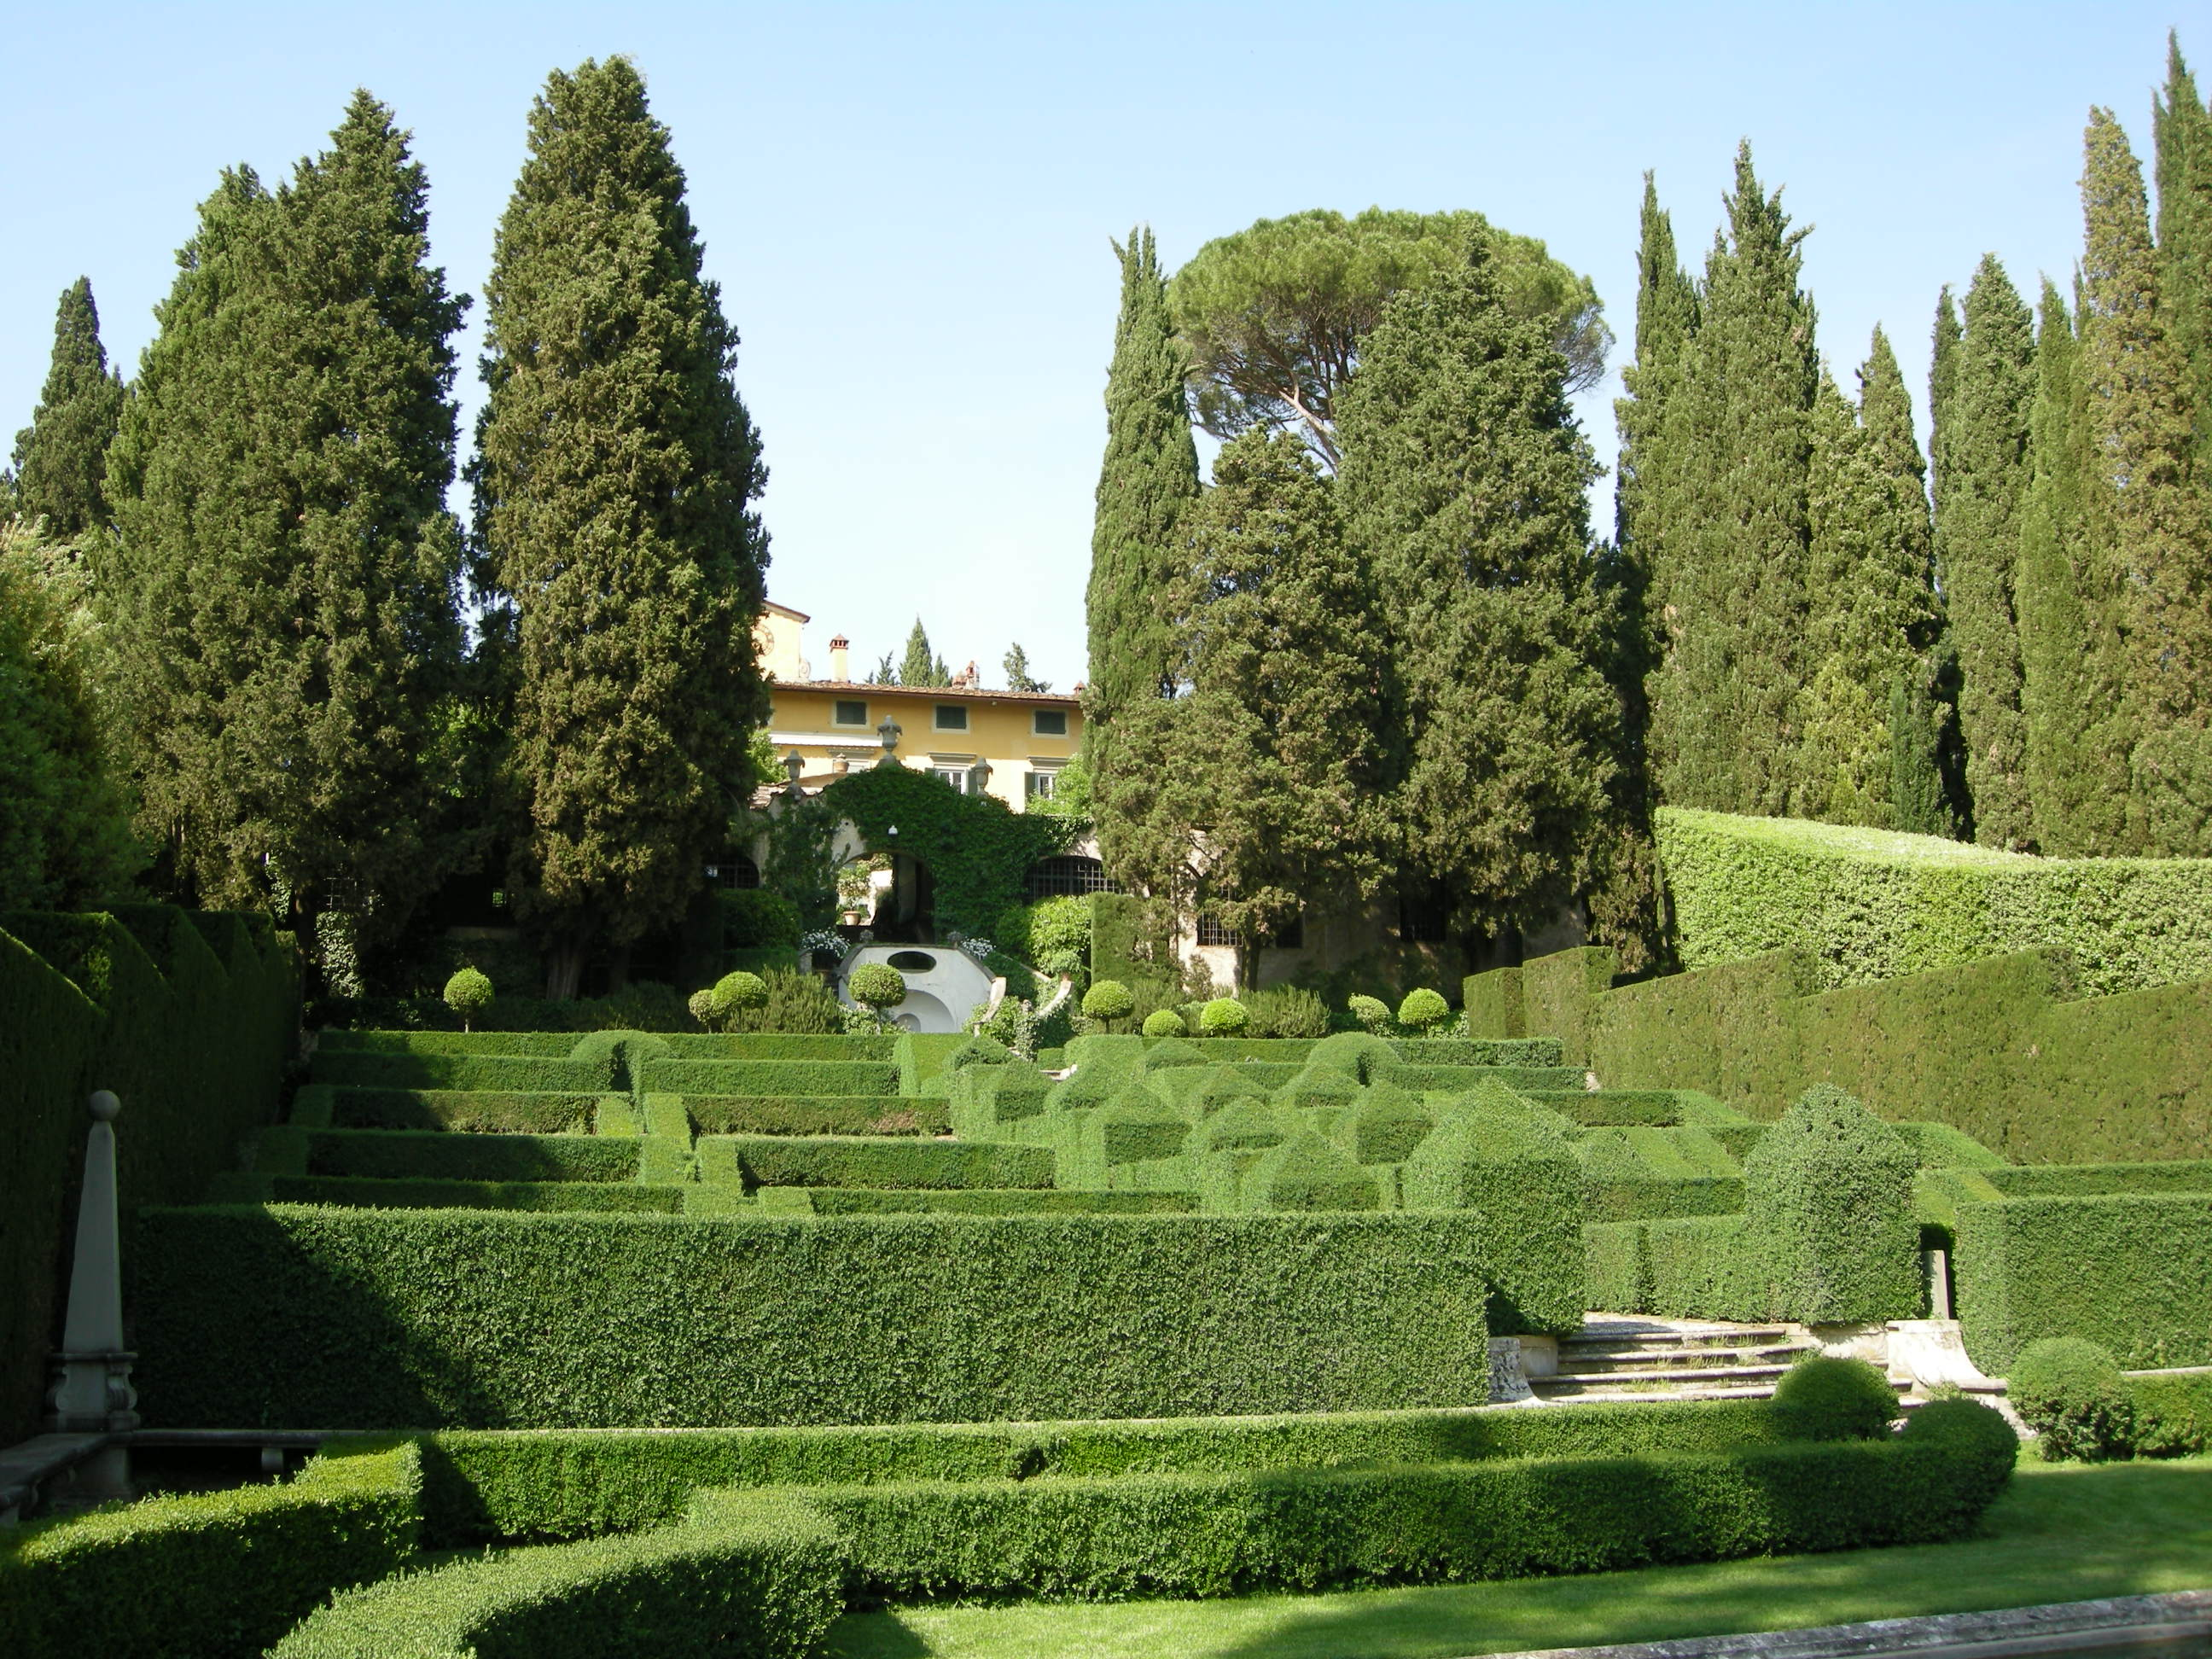 Giardini Di Villa Cimbroneravello